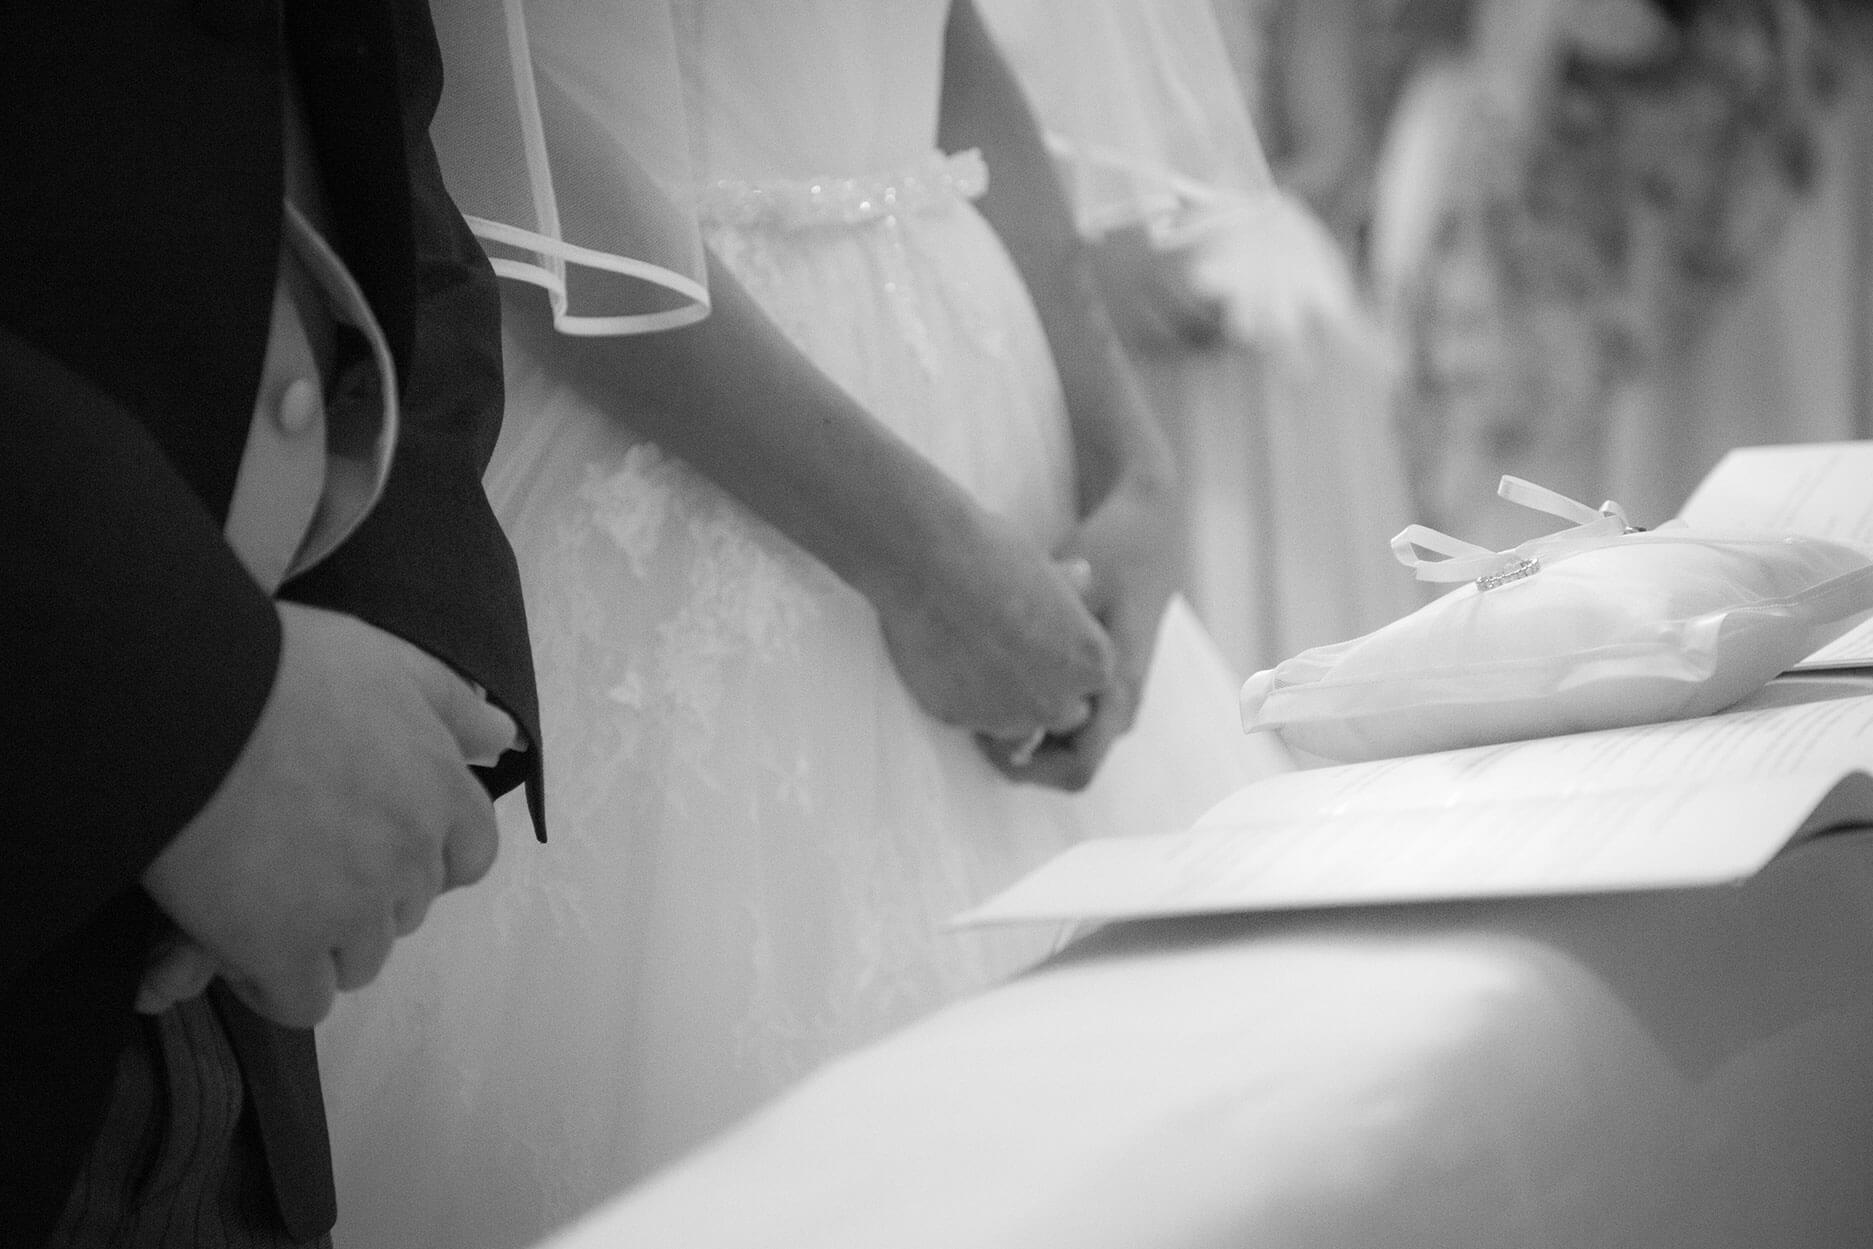 https://www.francescaferrati.it/wp-content/uploads/2016/03/Francesca-Ferrati-wedding-photographer-Verona-Svetlana-Gianluigi16.jpg